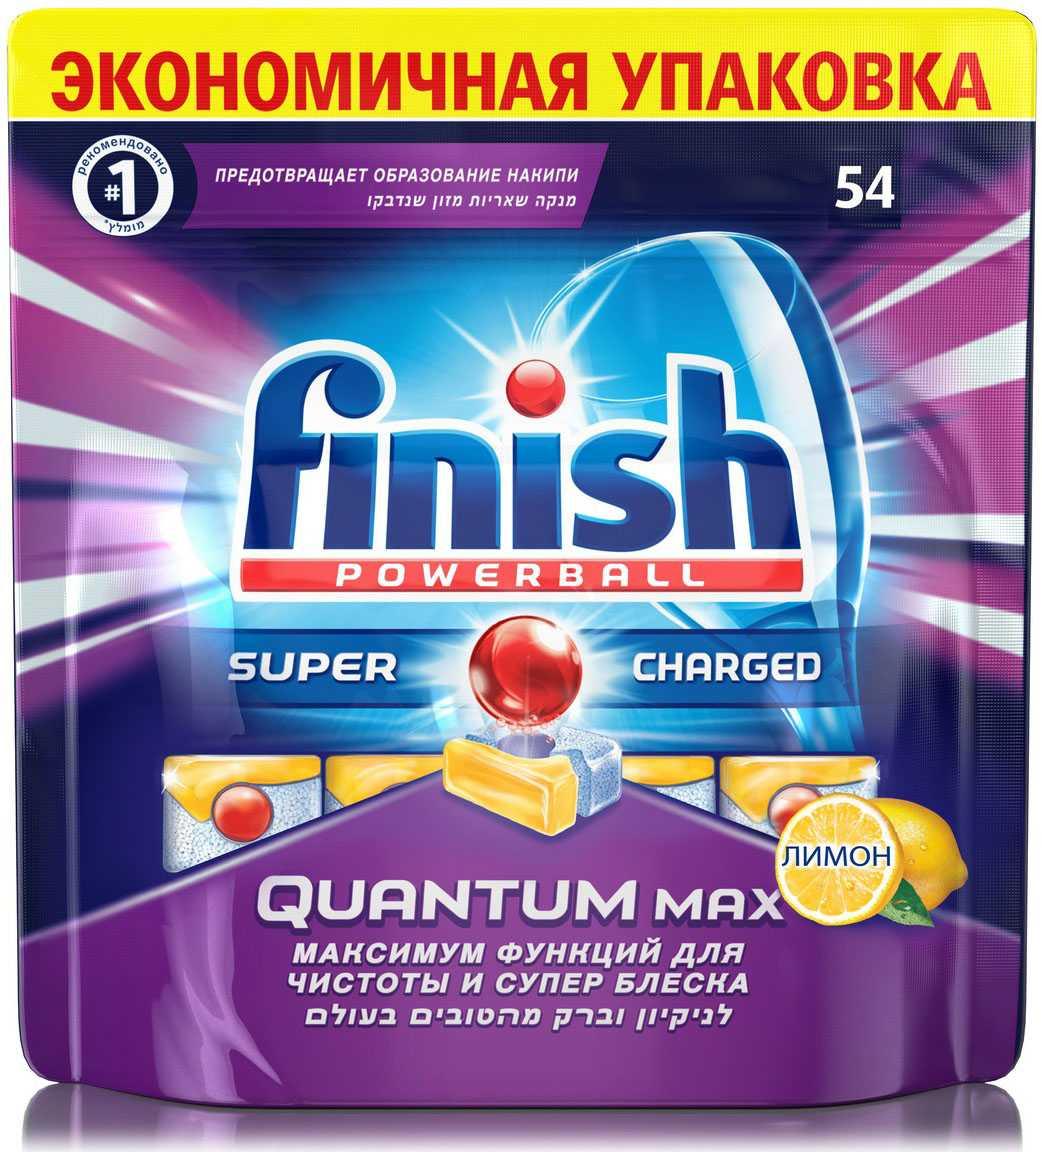 Таблетки finish для посудомоечной машины